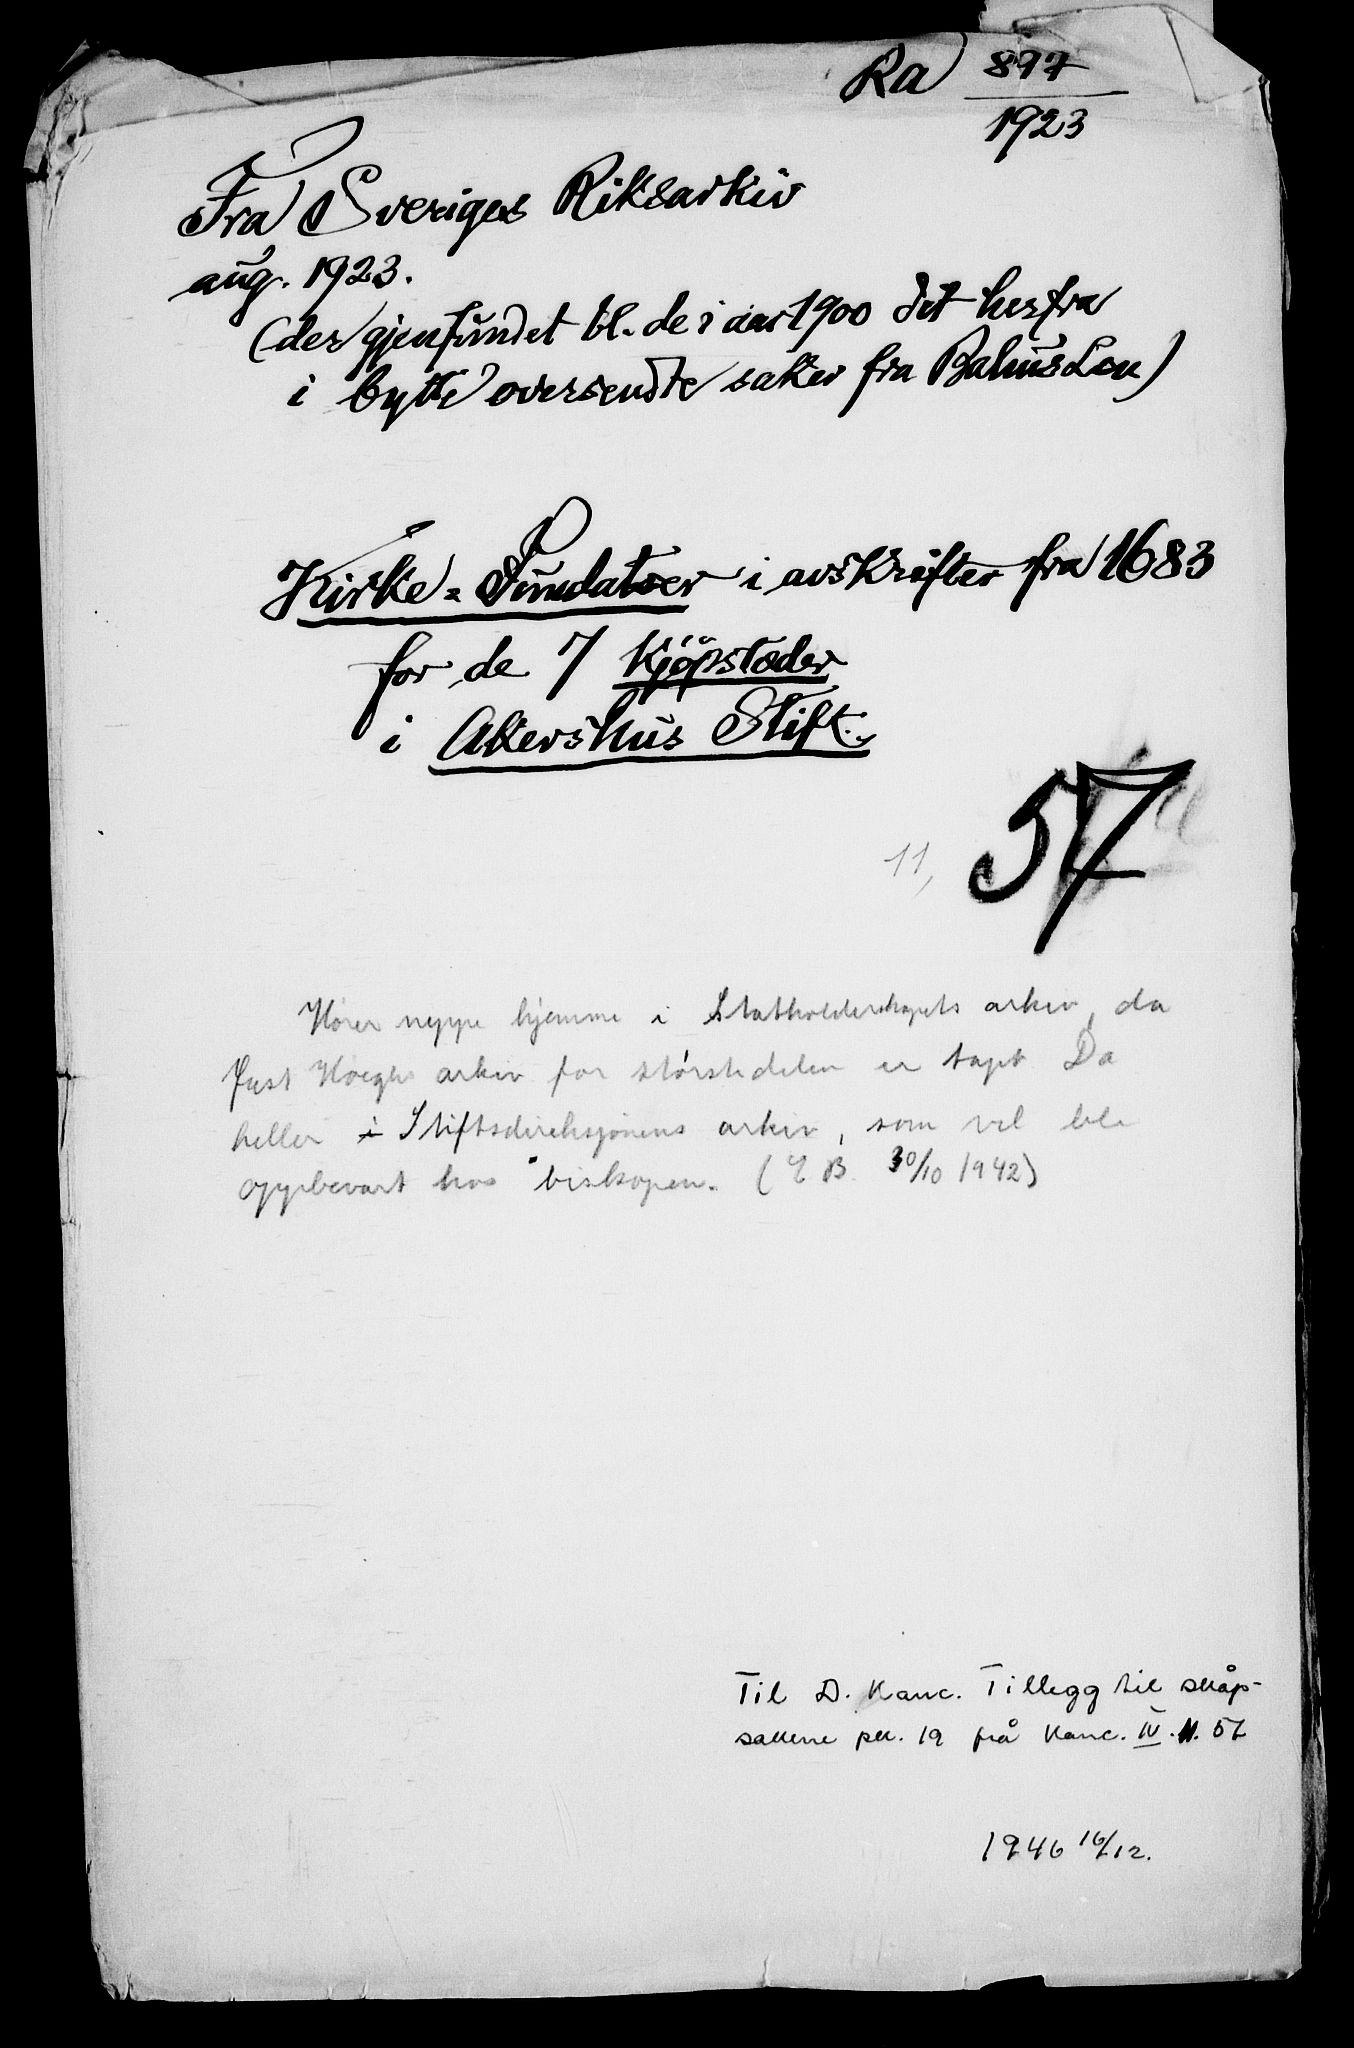 RA, Danske Kanselli, Skapsaker, G/L0019: Tillegg til skapsakene, 1616-1753, p. 206